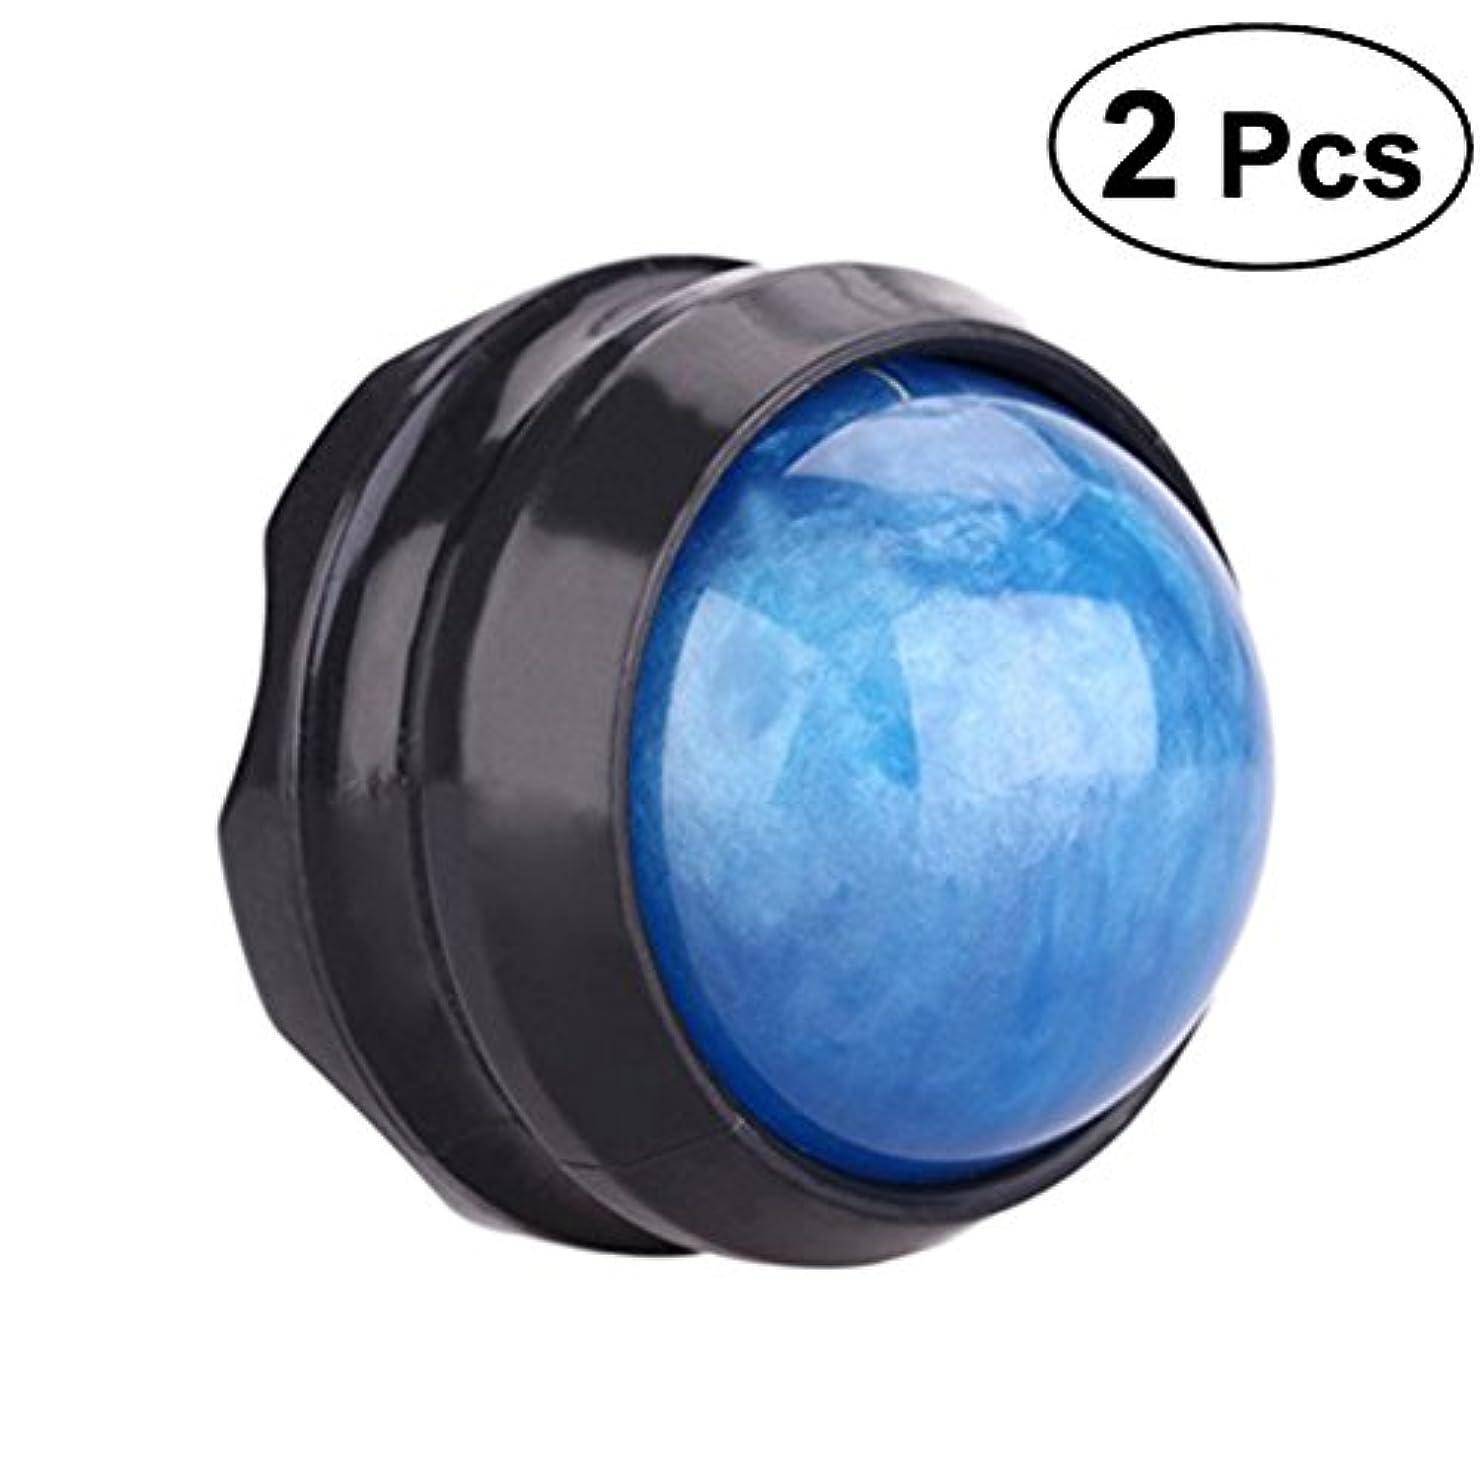 電気笑いチェスHealifty マッサージ ボール リラックスボール ローラー  足 ほぐし 健康器具 血行促進 頭痛 浮腫み解消 疲労回復 360度回転 2個入(青)